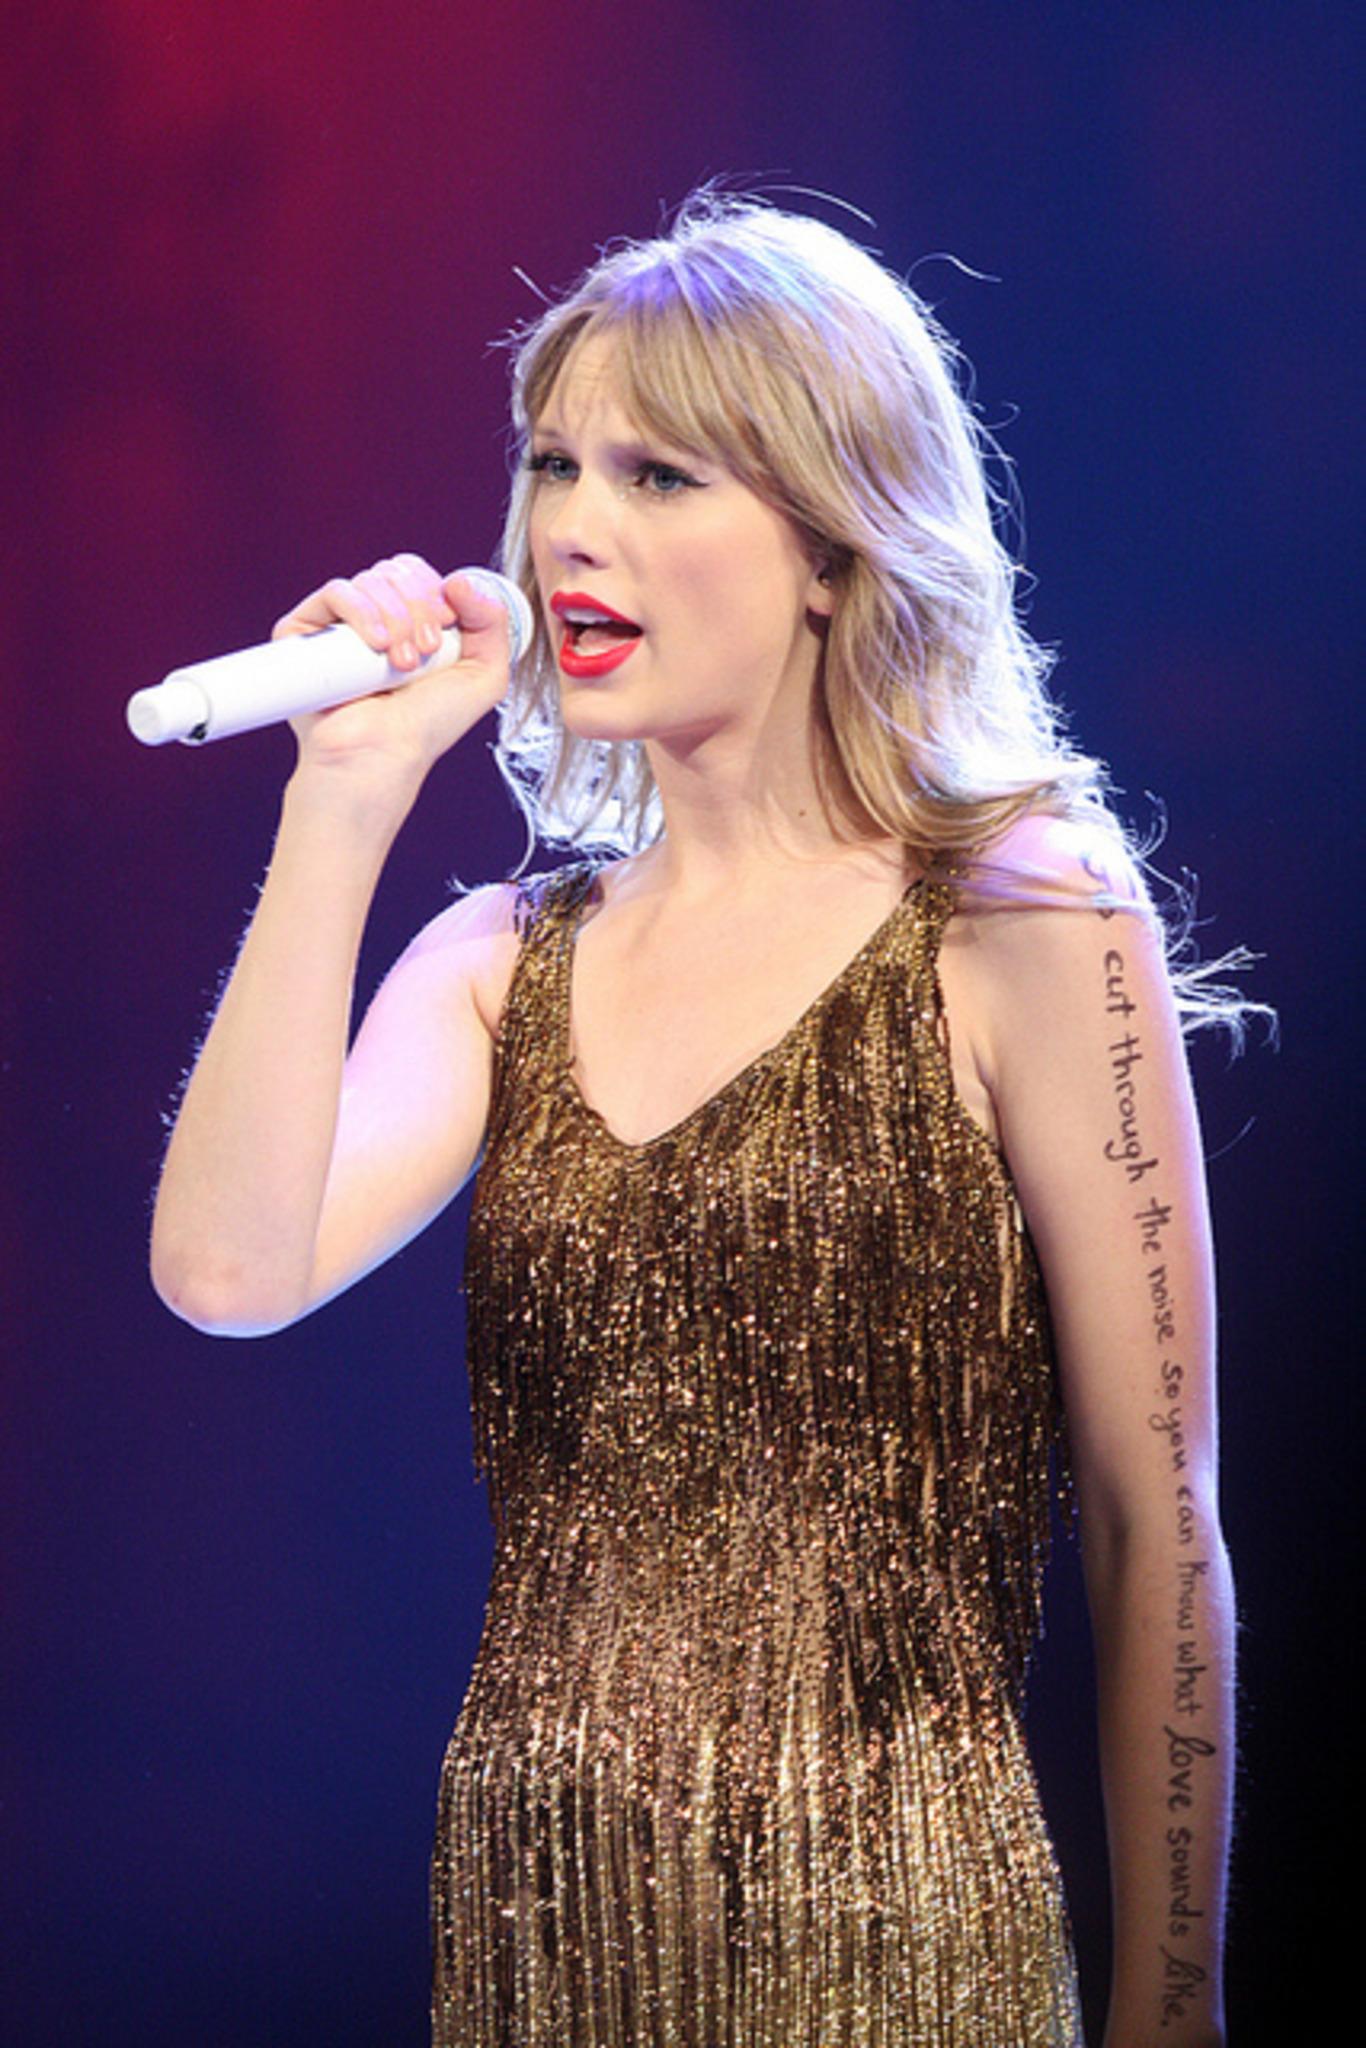 Leute: Chef von Taylor Swifts Ex-Label erhält nach eigenen Angaben Morddrohungen - WELT